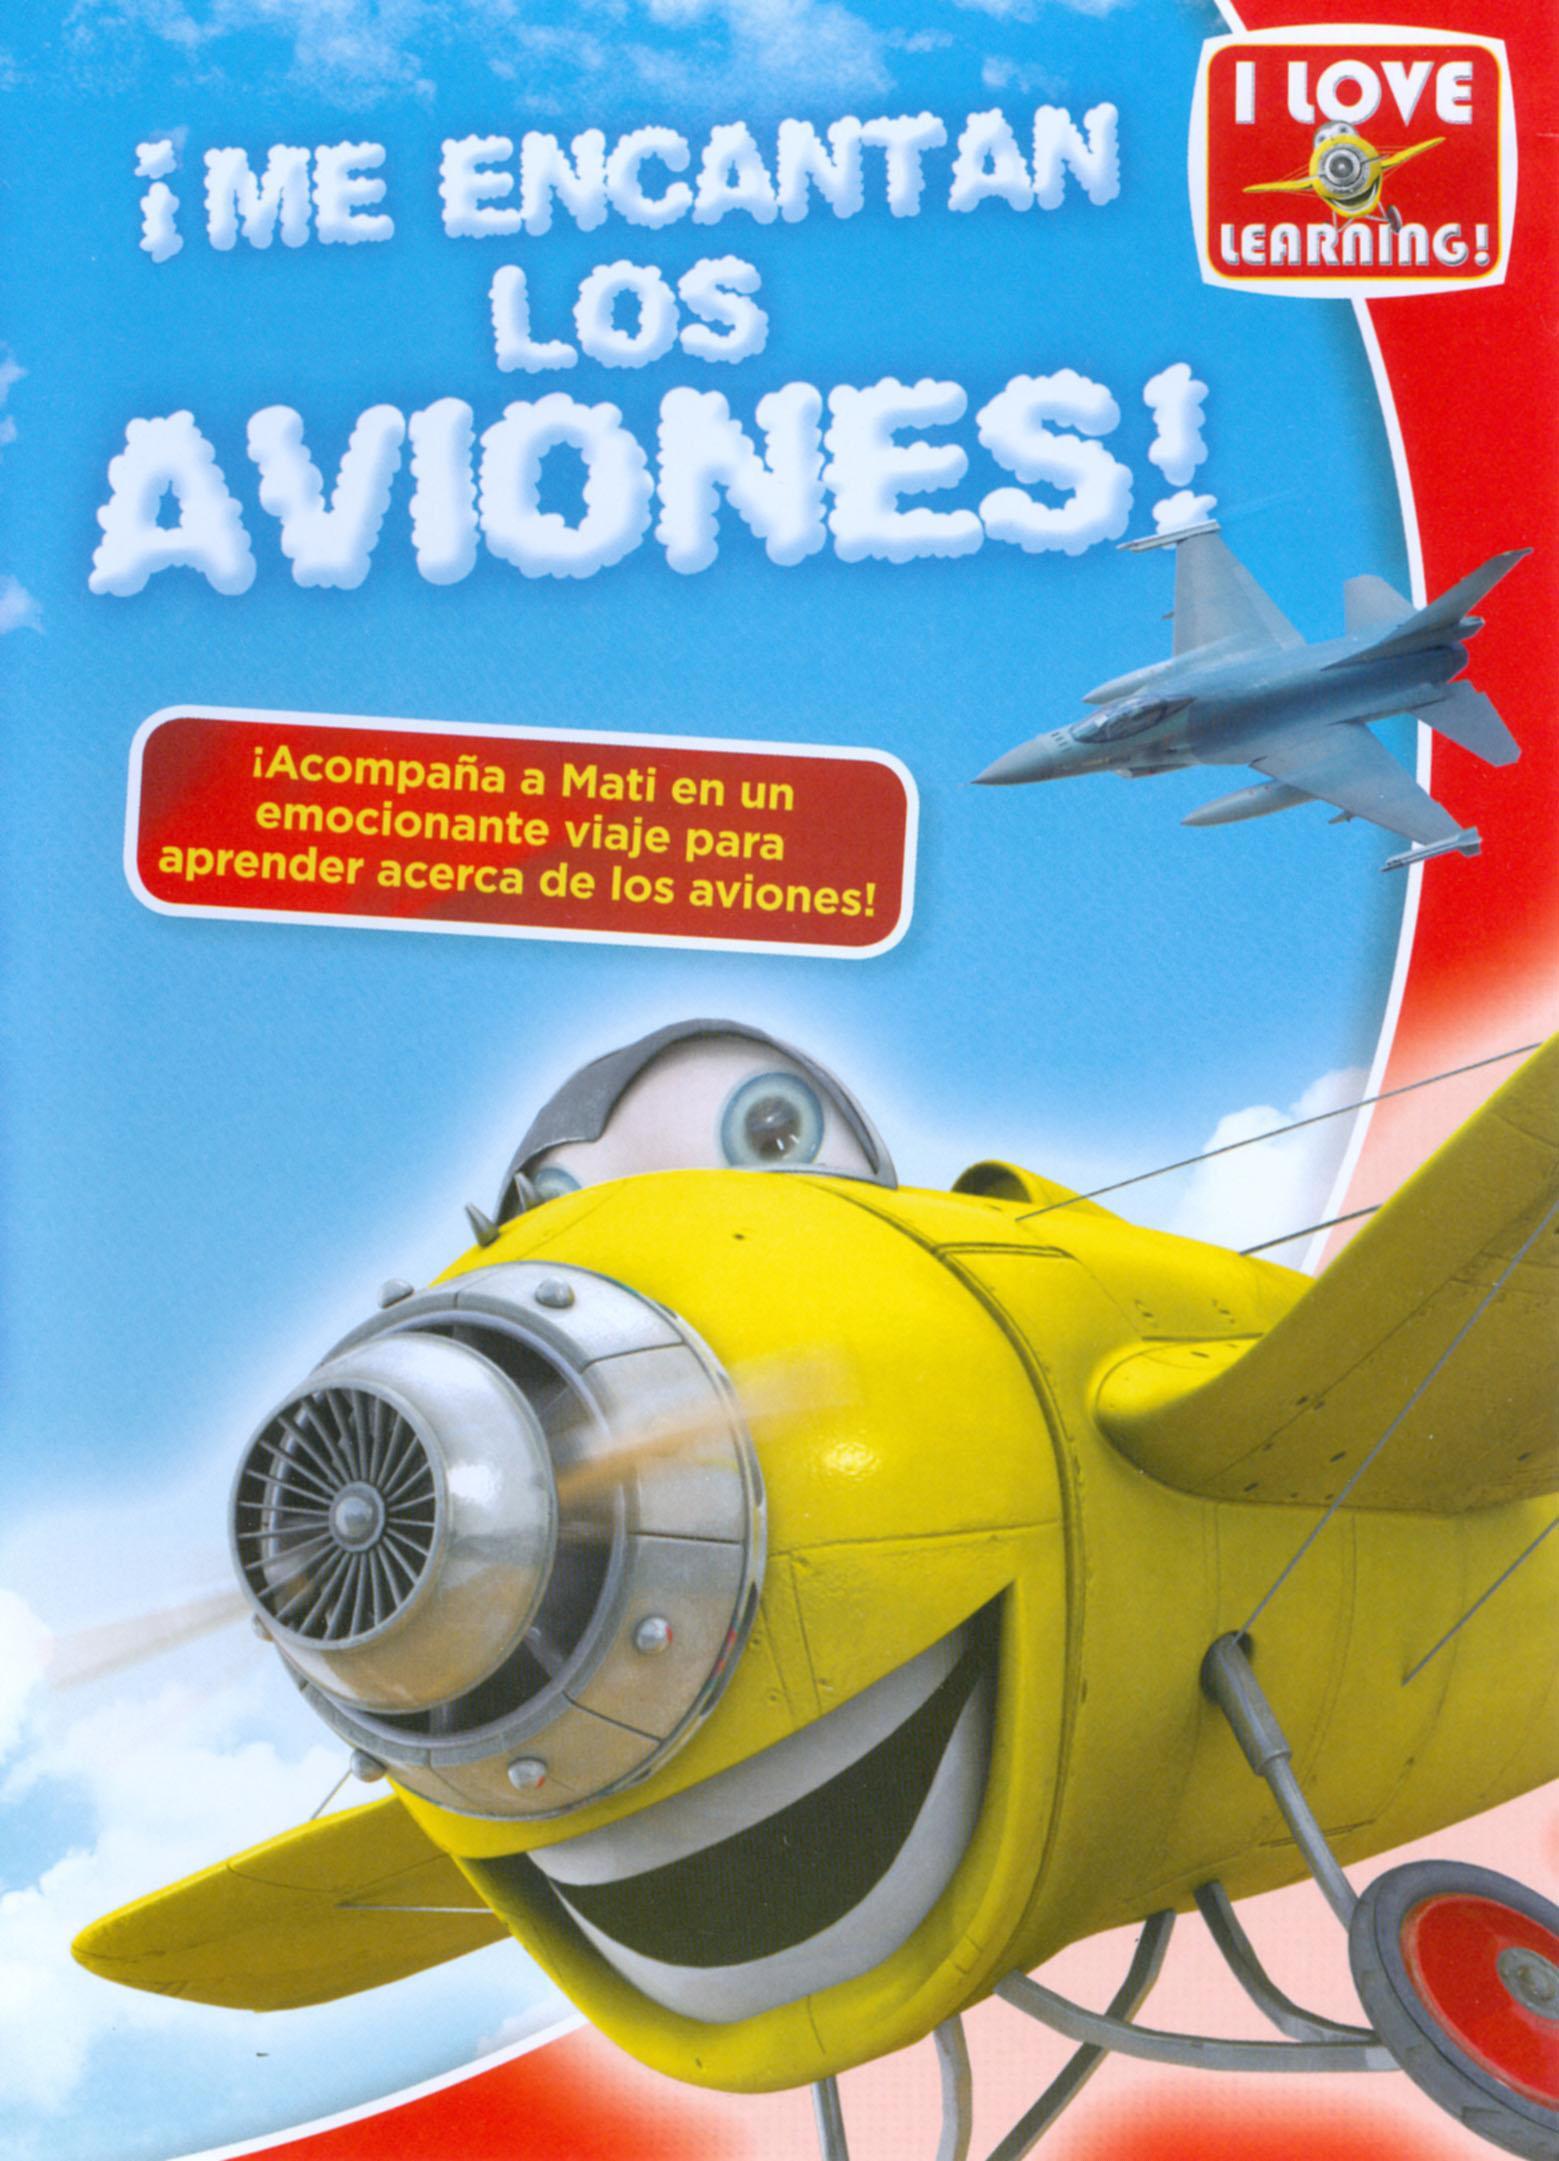 Me Encantan a los Aviones!